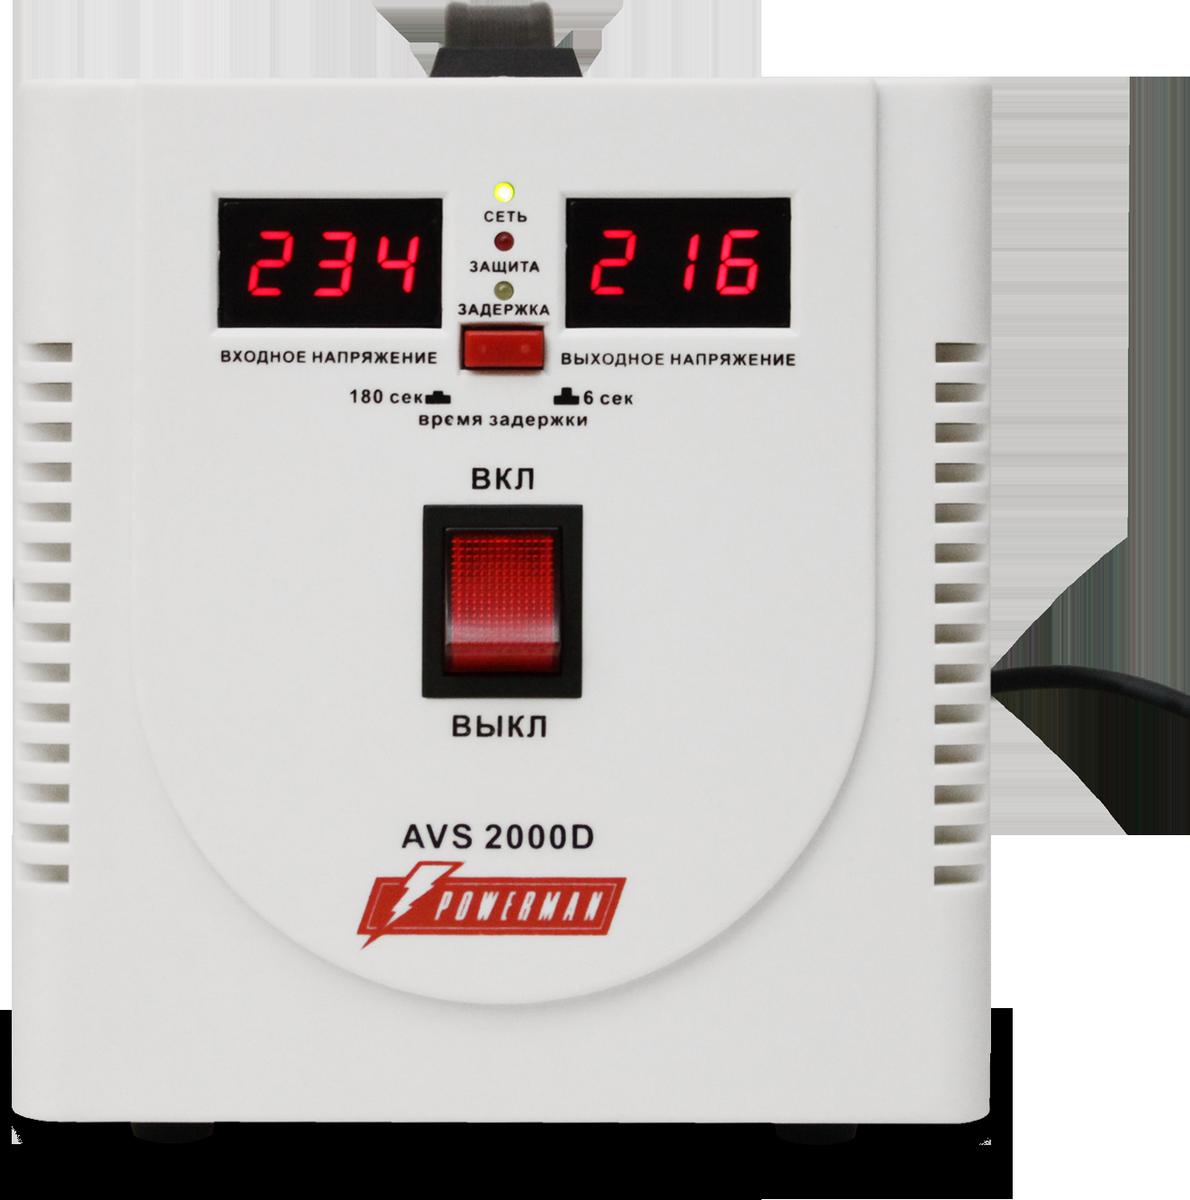 Стабилизатор напряжения Powerman AVS 2000 D, 2000 ВА1192184Powerman AVS 2000 D однофазный стабилизатор мощностью 2000ВА. Обеспечивает для подключенного оборудования уровень напряжения 220В (отклонения не превышают допустимые по ГОСТ 32144-2013 Нормы качества электрической энергии). В диапазоне напряжений сети 140В - 260В обеспечивает выходное напряжение 220В ± 8%. При слишком высоком или слишком низком напряжении сети, которое стабилизатор не может компенсировать, а также при значительной перегрузке он отключает нагрузку. Питание нагрузки подключается автоматически при восстановлении напряжения сети до рабочего диапазона, либо при снижении температуры. Подключение, после защитного отключения нагрузки или полного отключения сети, происходит с временной задержкой 6сек / 180сек. Высокая перегрузочная способность трансформатора и наличие функций защиты обеспечивает безопасную эксплуатацию в непрерывном режиме. Помимо регулировки напряжения стабилизатор значительно снижает уровень импульсных и высокочастотных помех, попадающих в нагрузку. Рекомендуем!